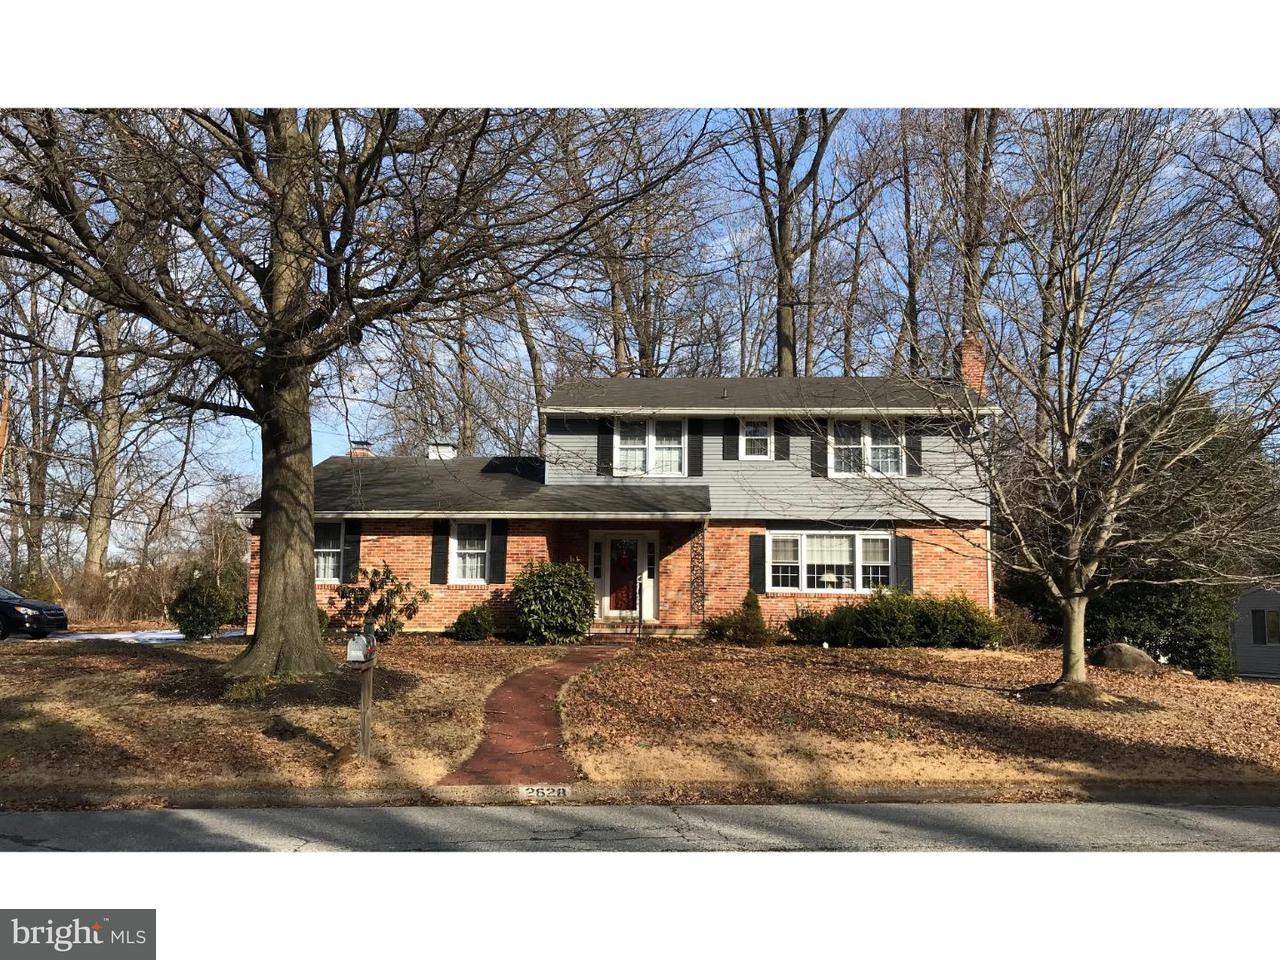 独户住宅 为 销售 在 2628 MAJESTIC Drive Talleyville, 特拉华州 19810 美国